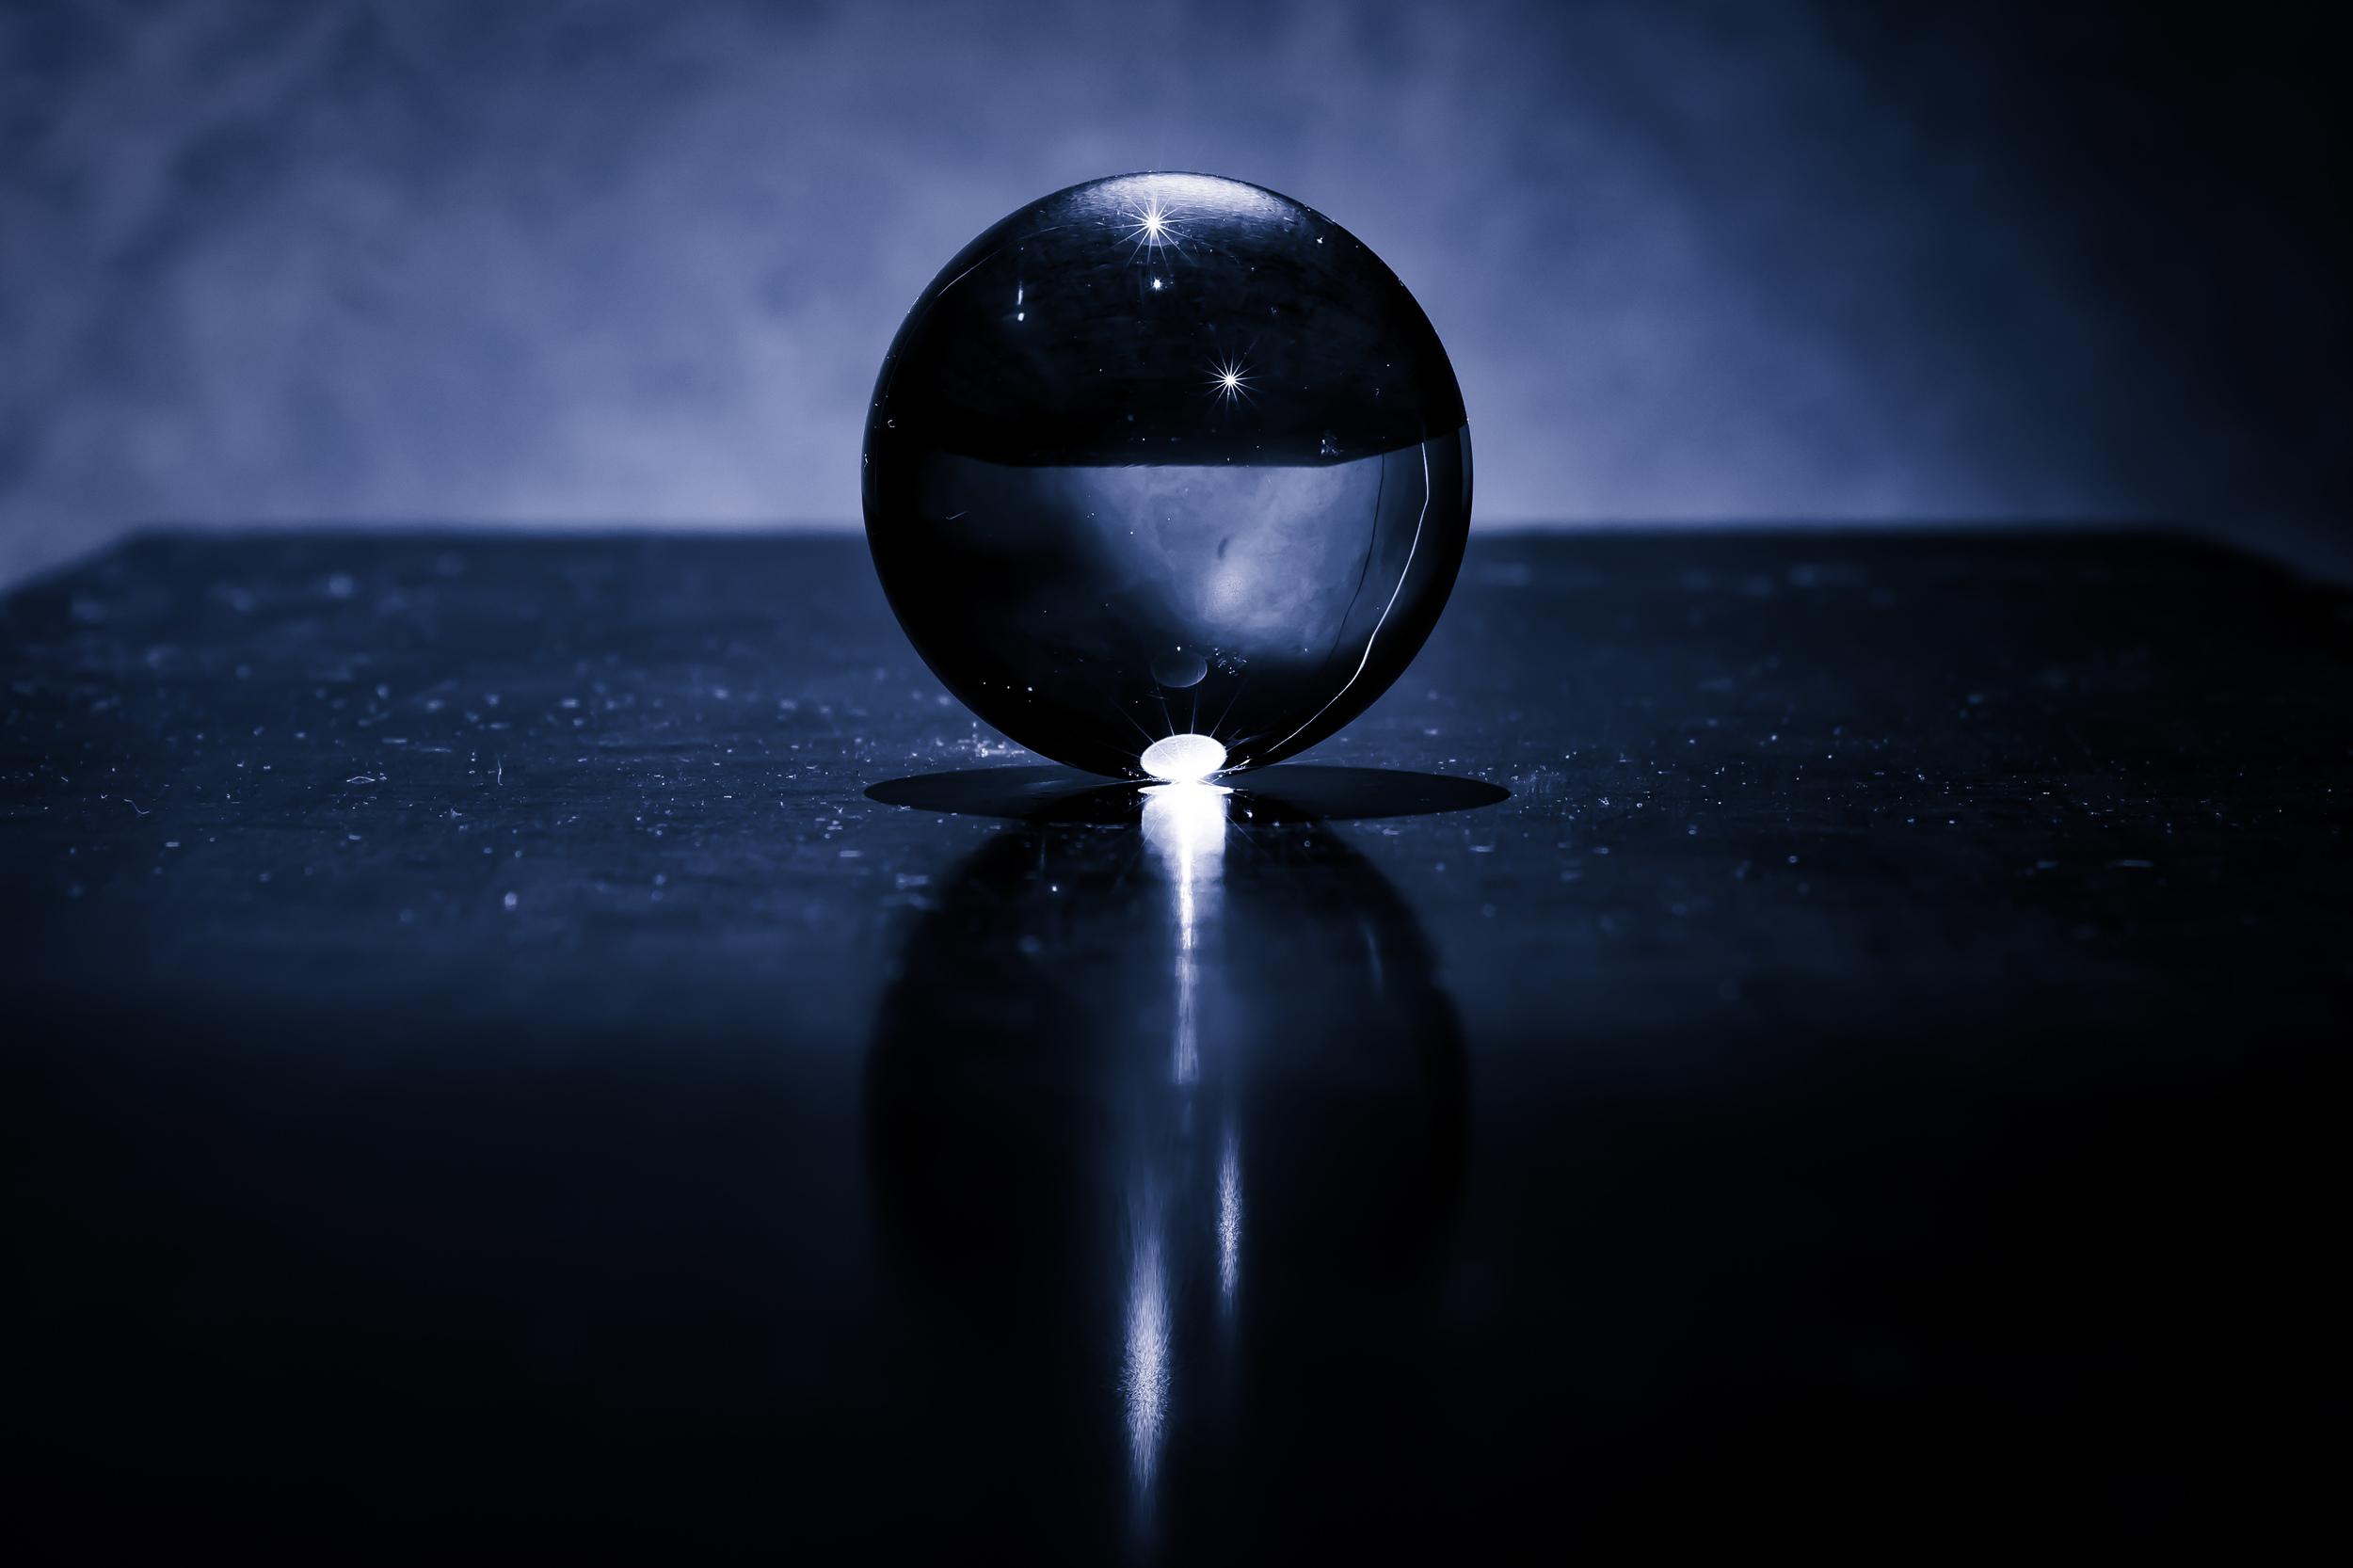 Viewfinder-kristallen-bol-eigenzinnige-fotografie-maan-heelal-geheel